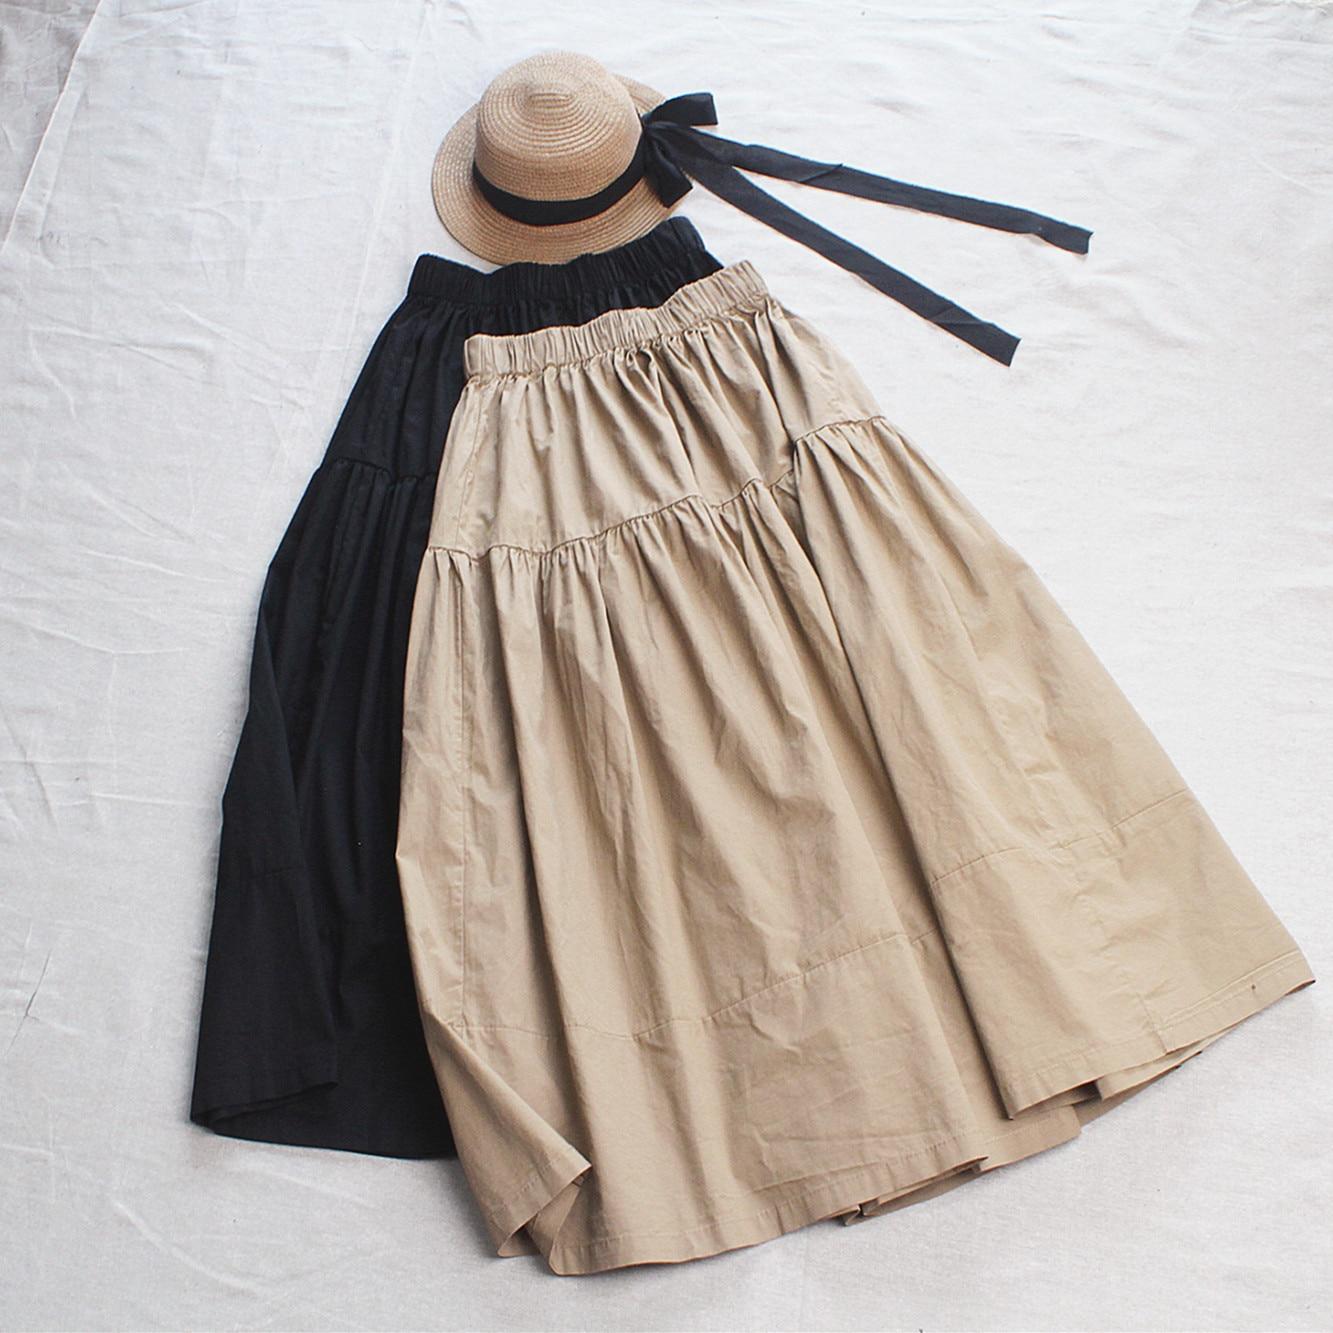 2020 New High Waist Women Summer Cotton Skirt Saia Elastic Waist Women A-Line Khaki Skirt Faldas Jupe Femme